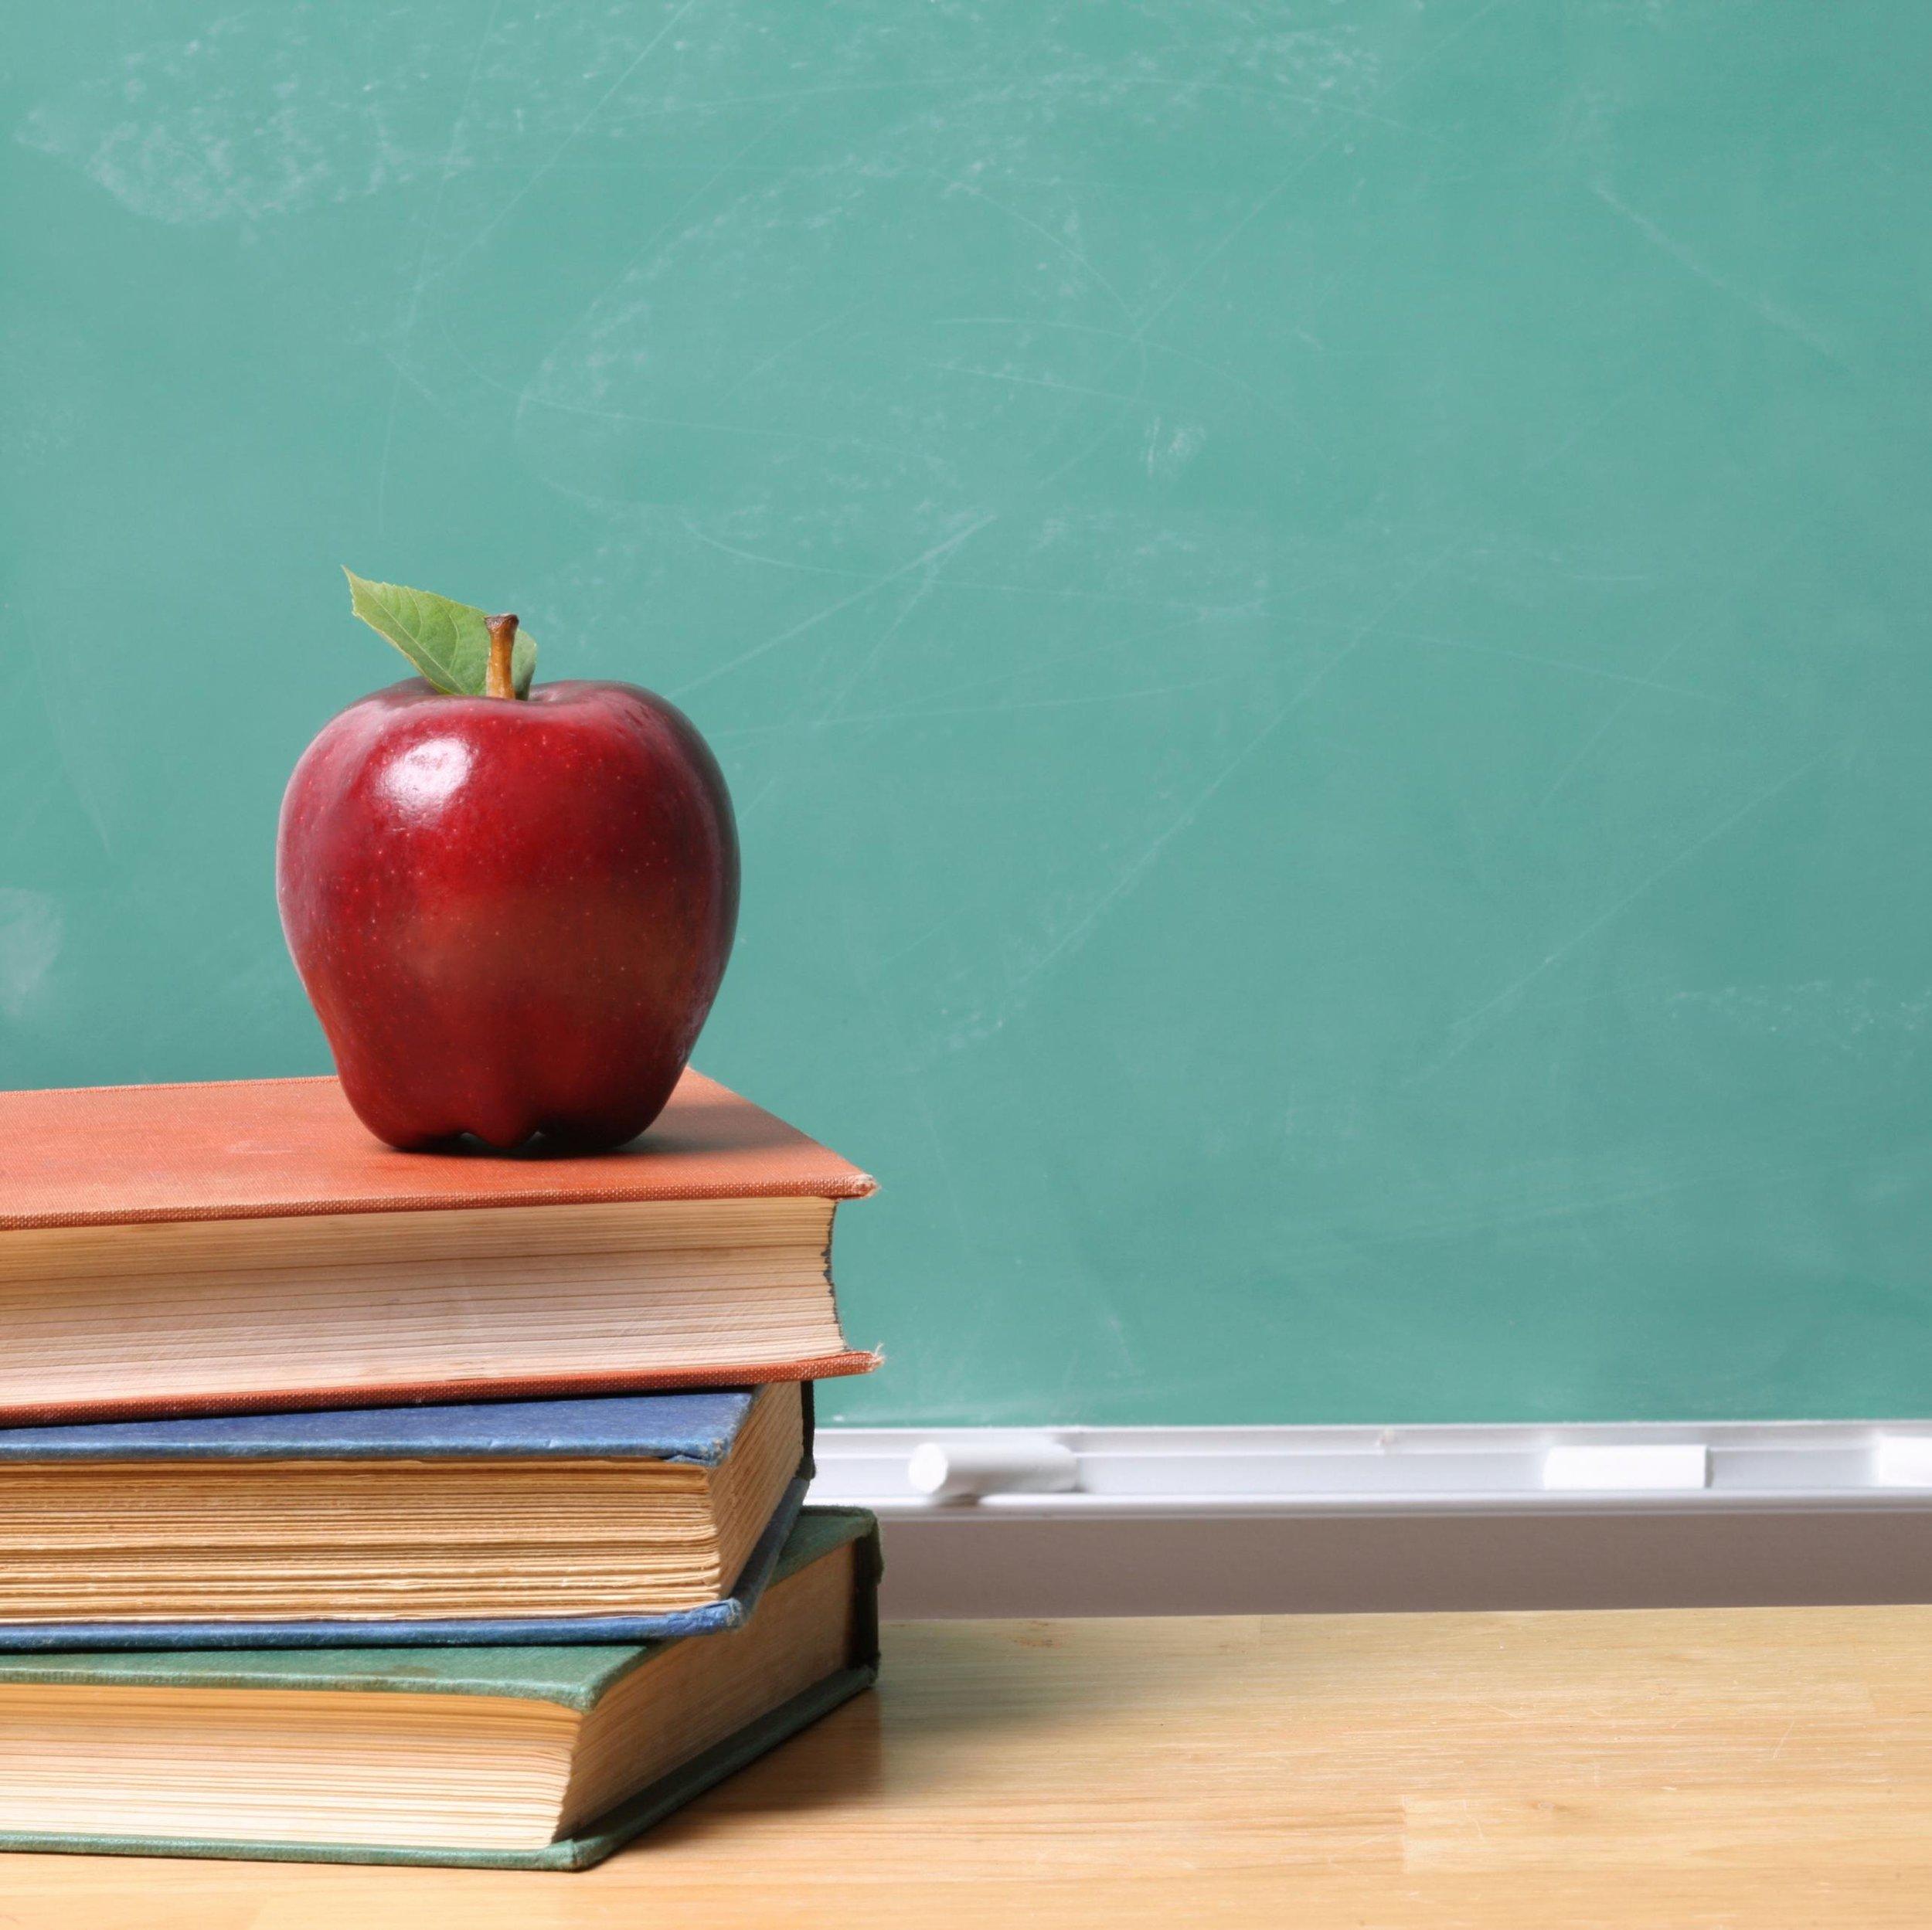 Apple-On-Teachers-Desk.jpeg